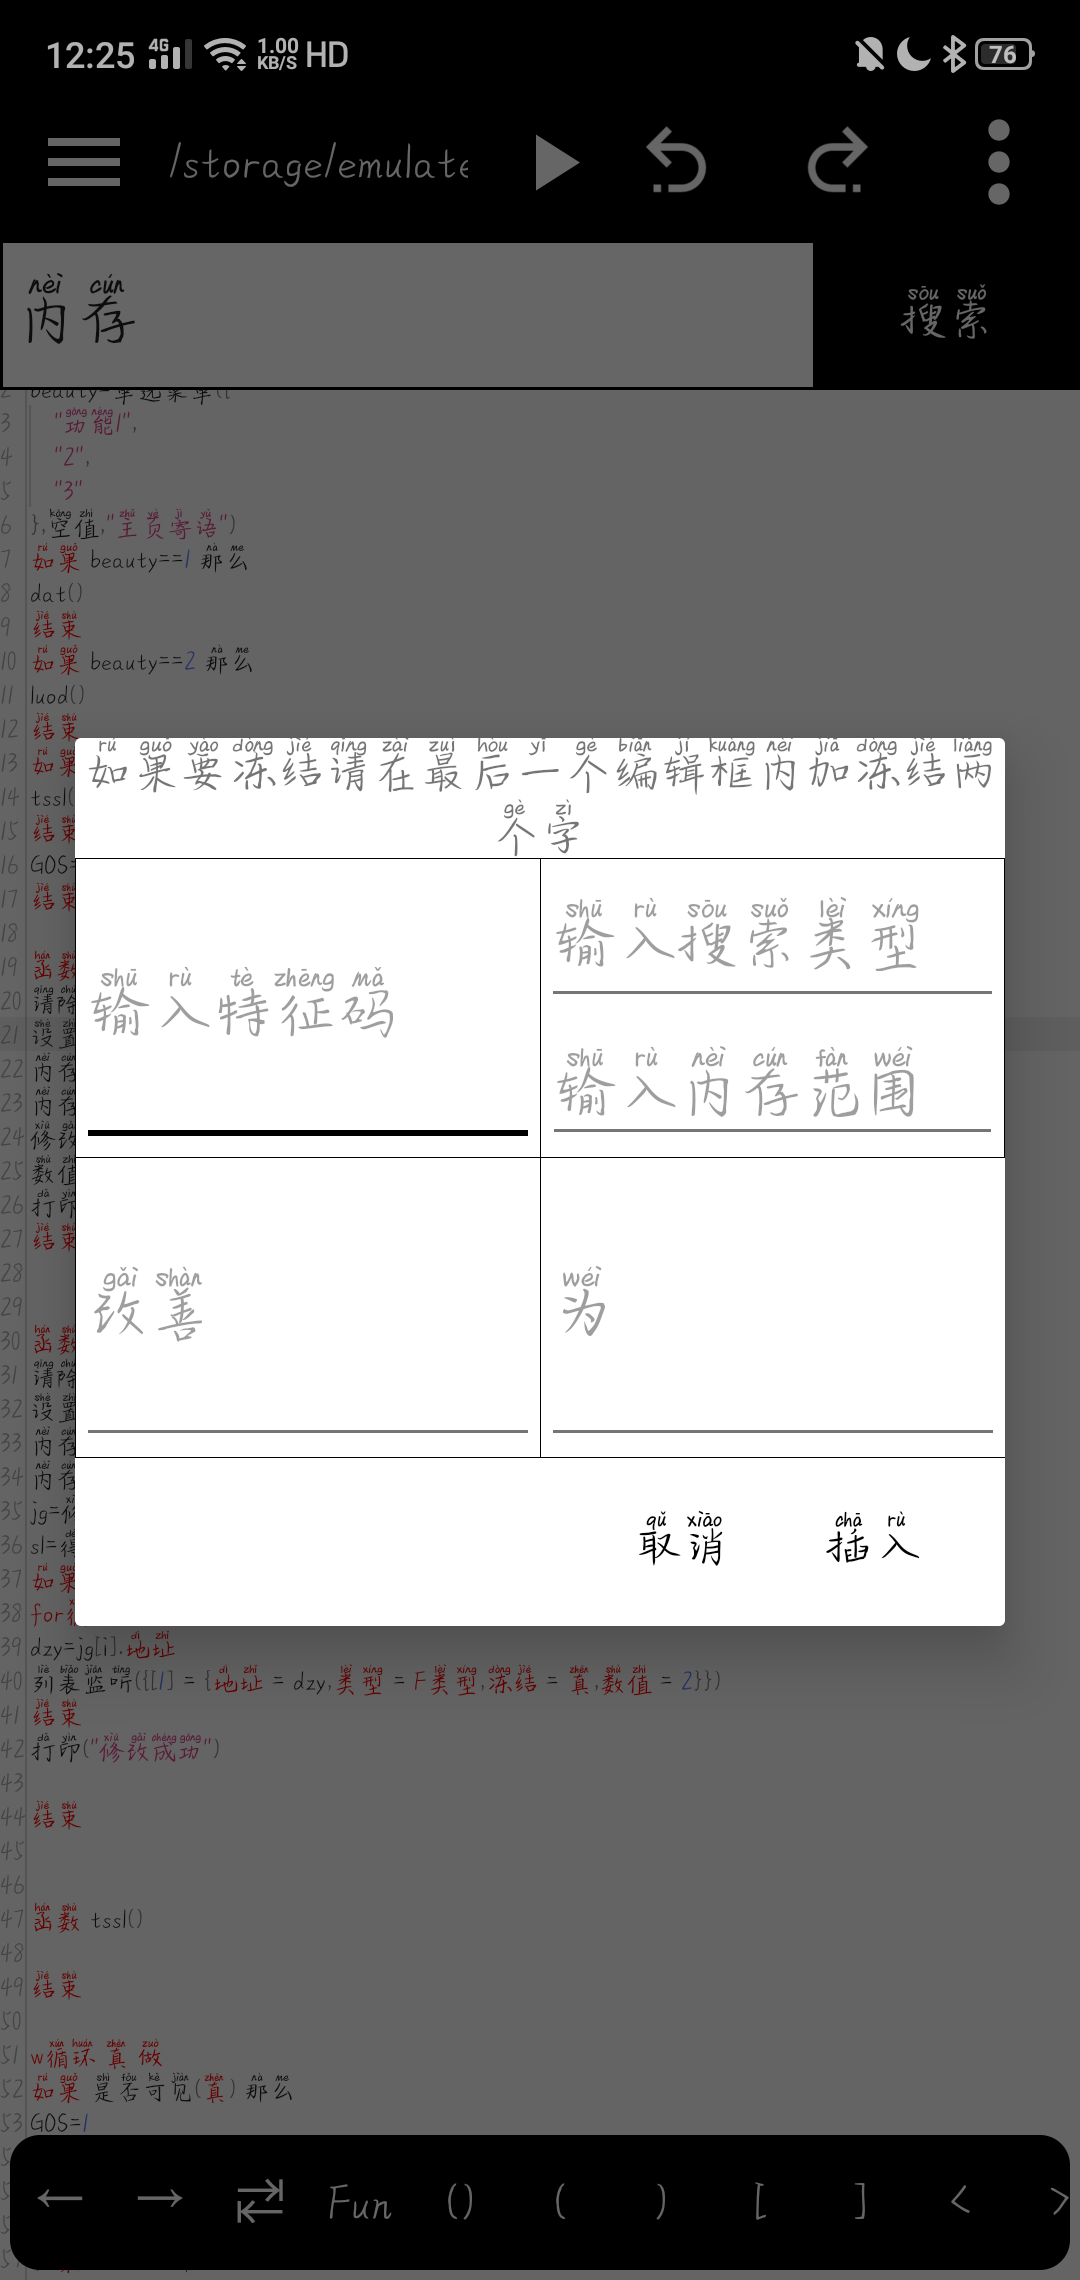 【资源分享】gg脚本中文编程2.0(支持运行lua语言)-爱小助